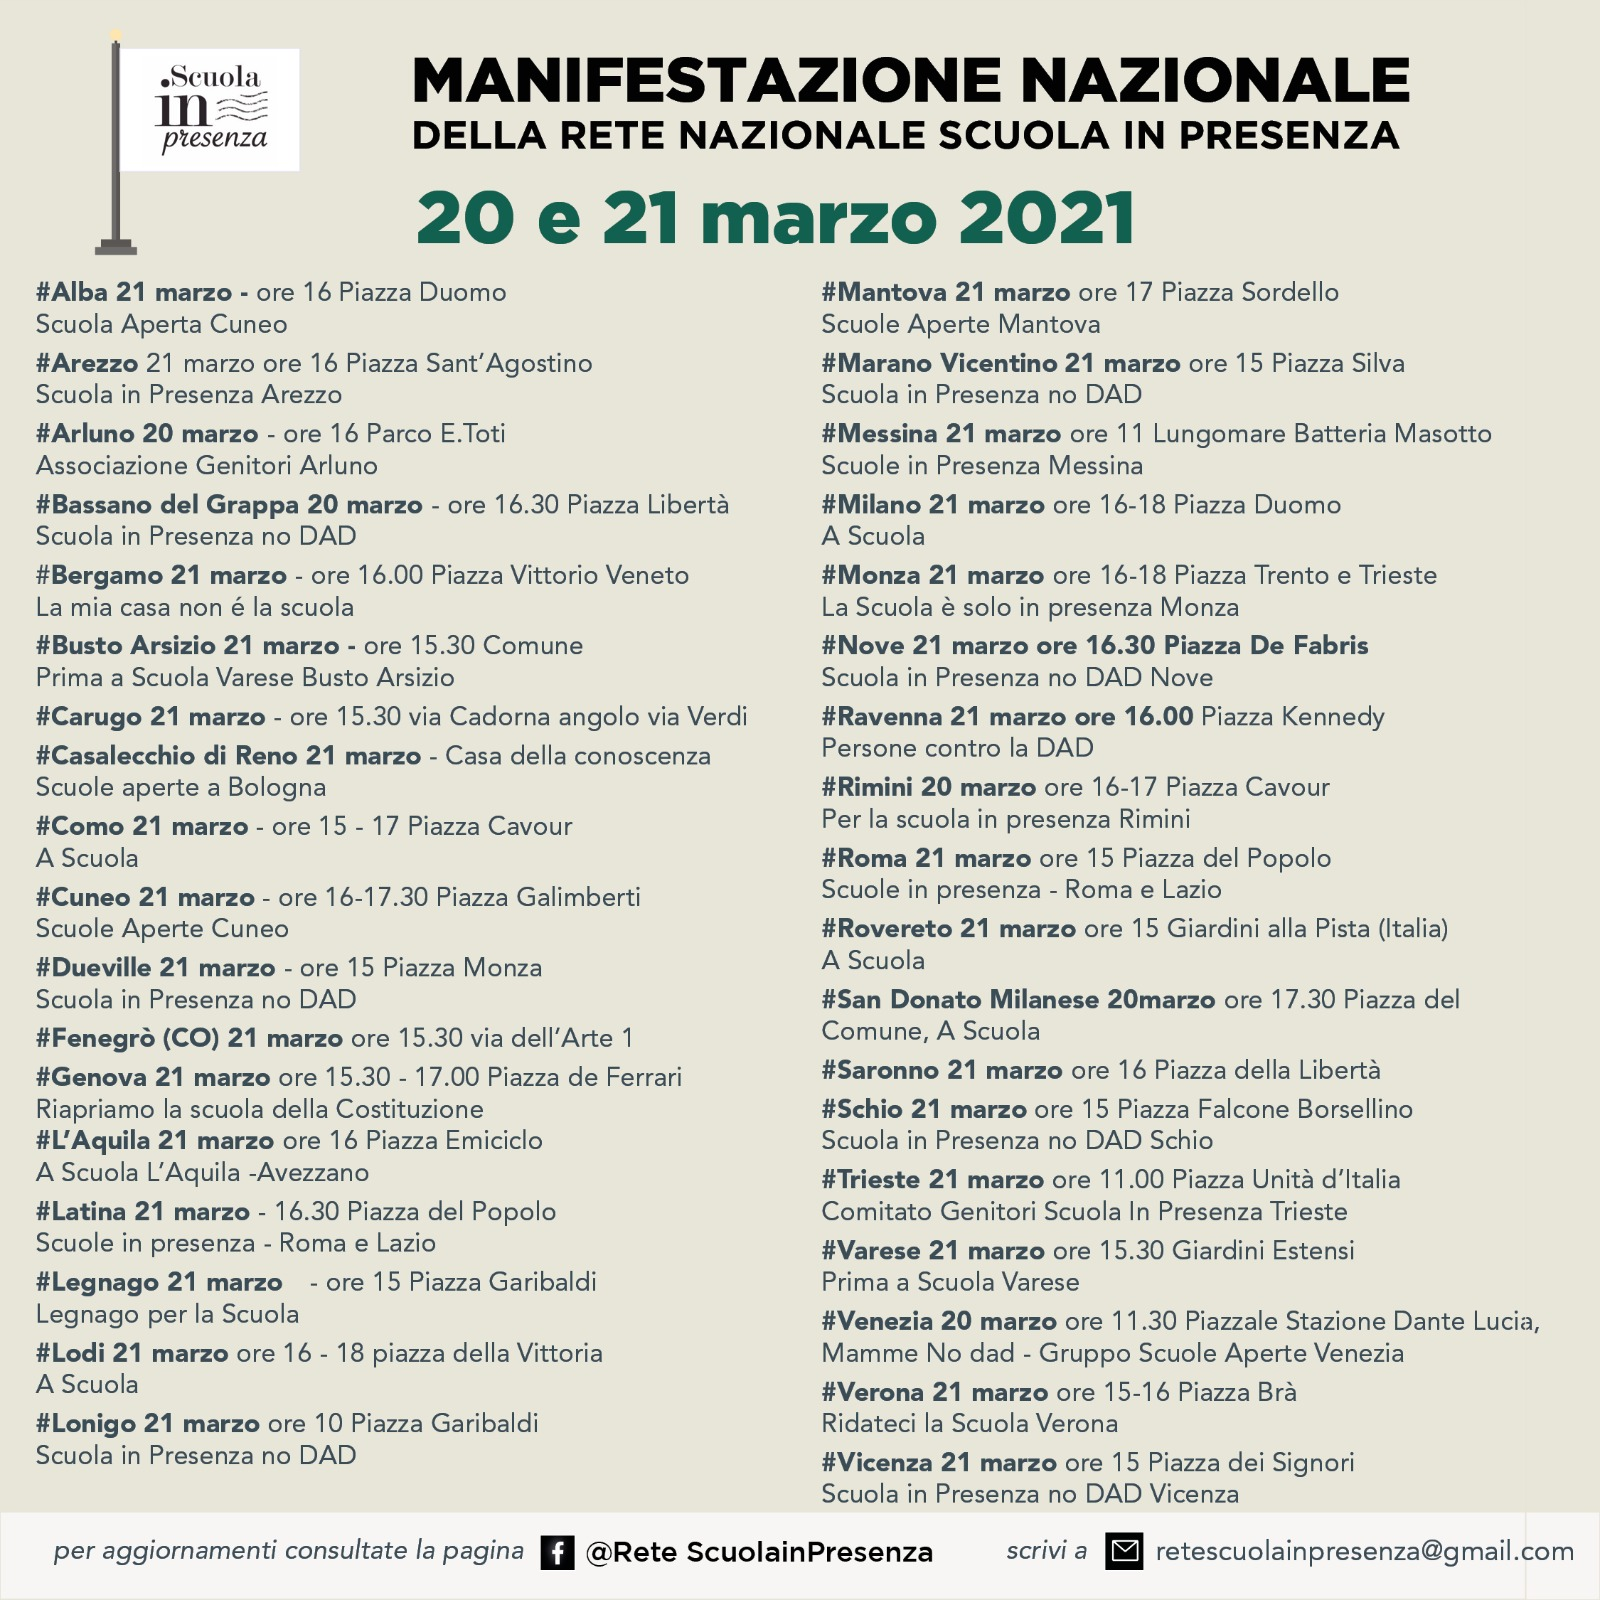 Manifestazione Nazionale 21 Marzo Rete Scuola in Presenza